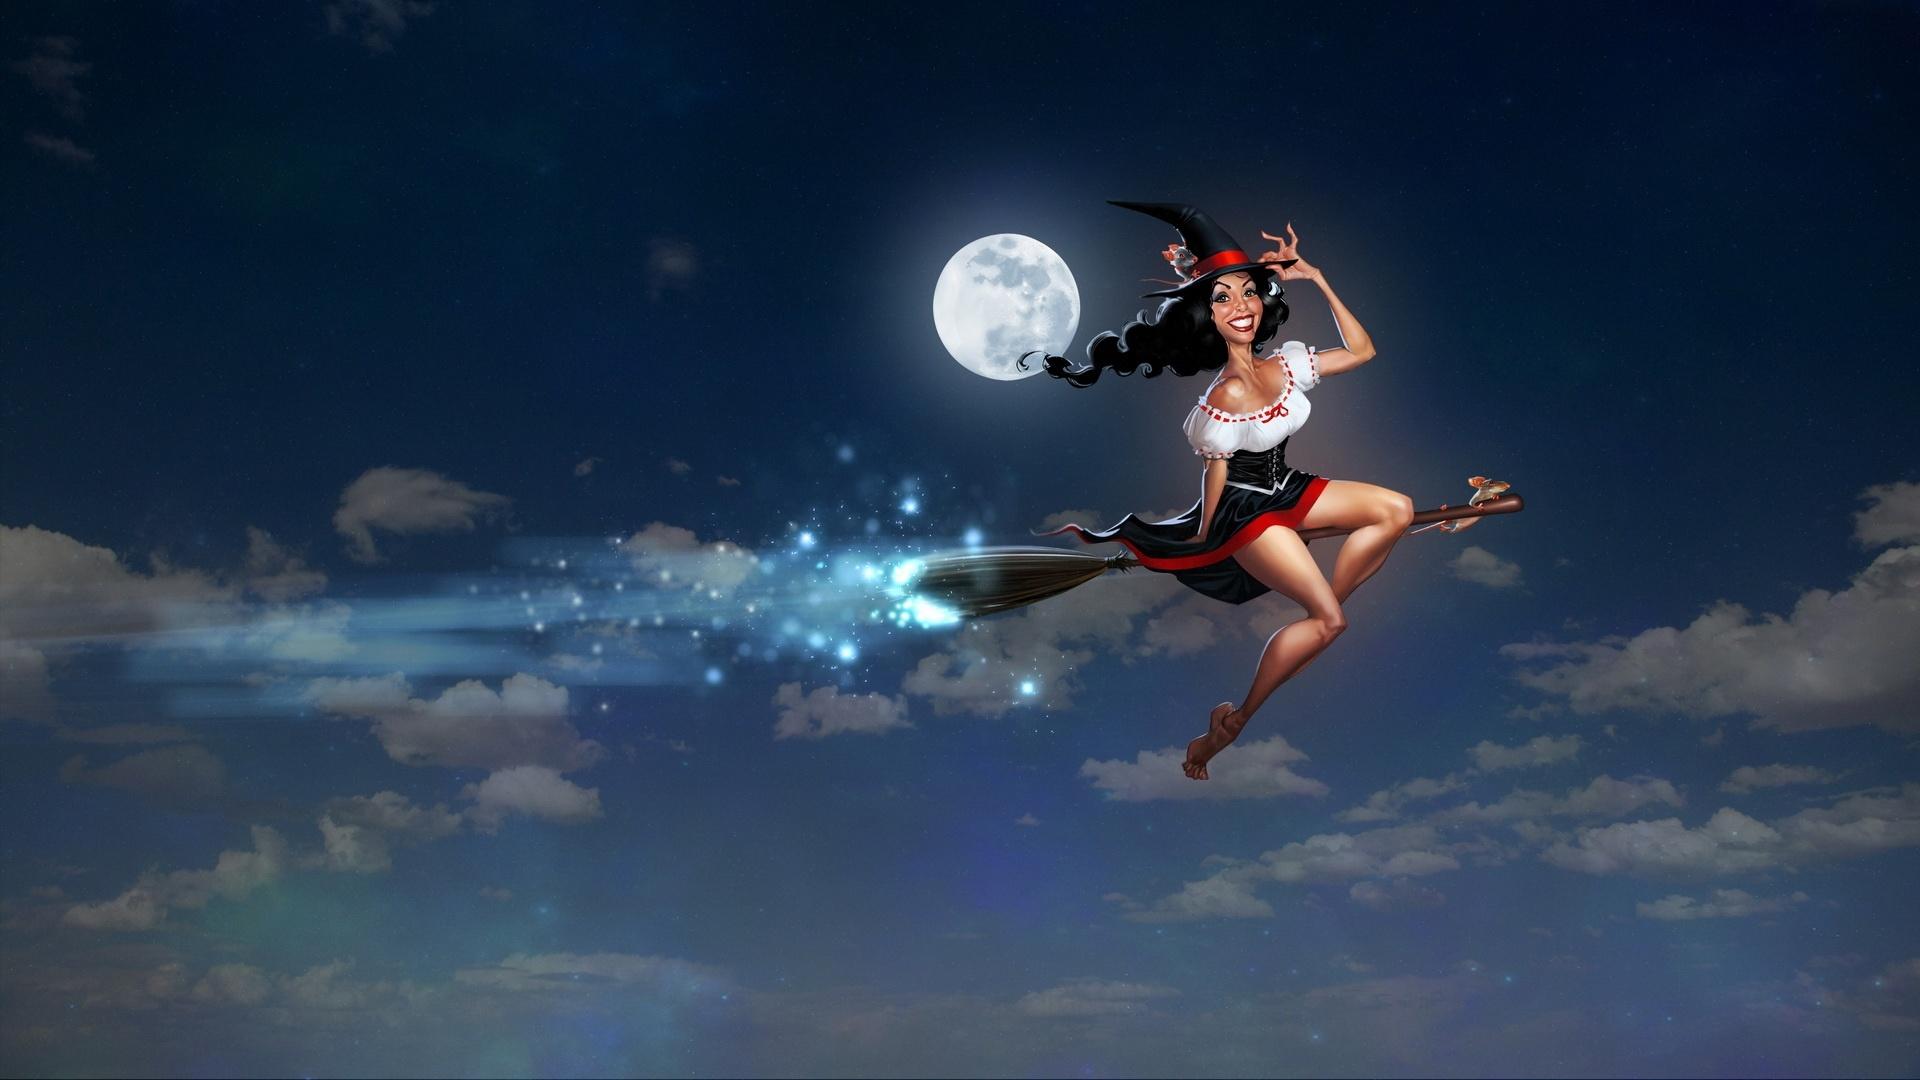 Flying Girl wallpaper for pc